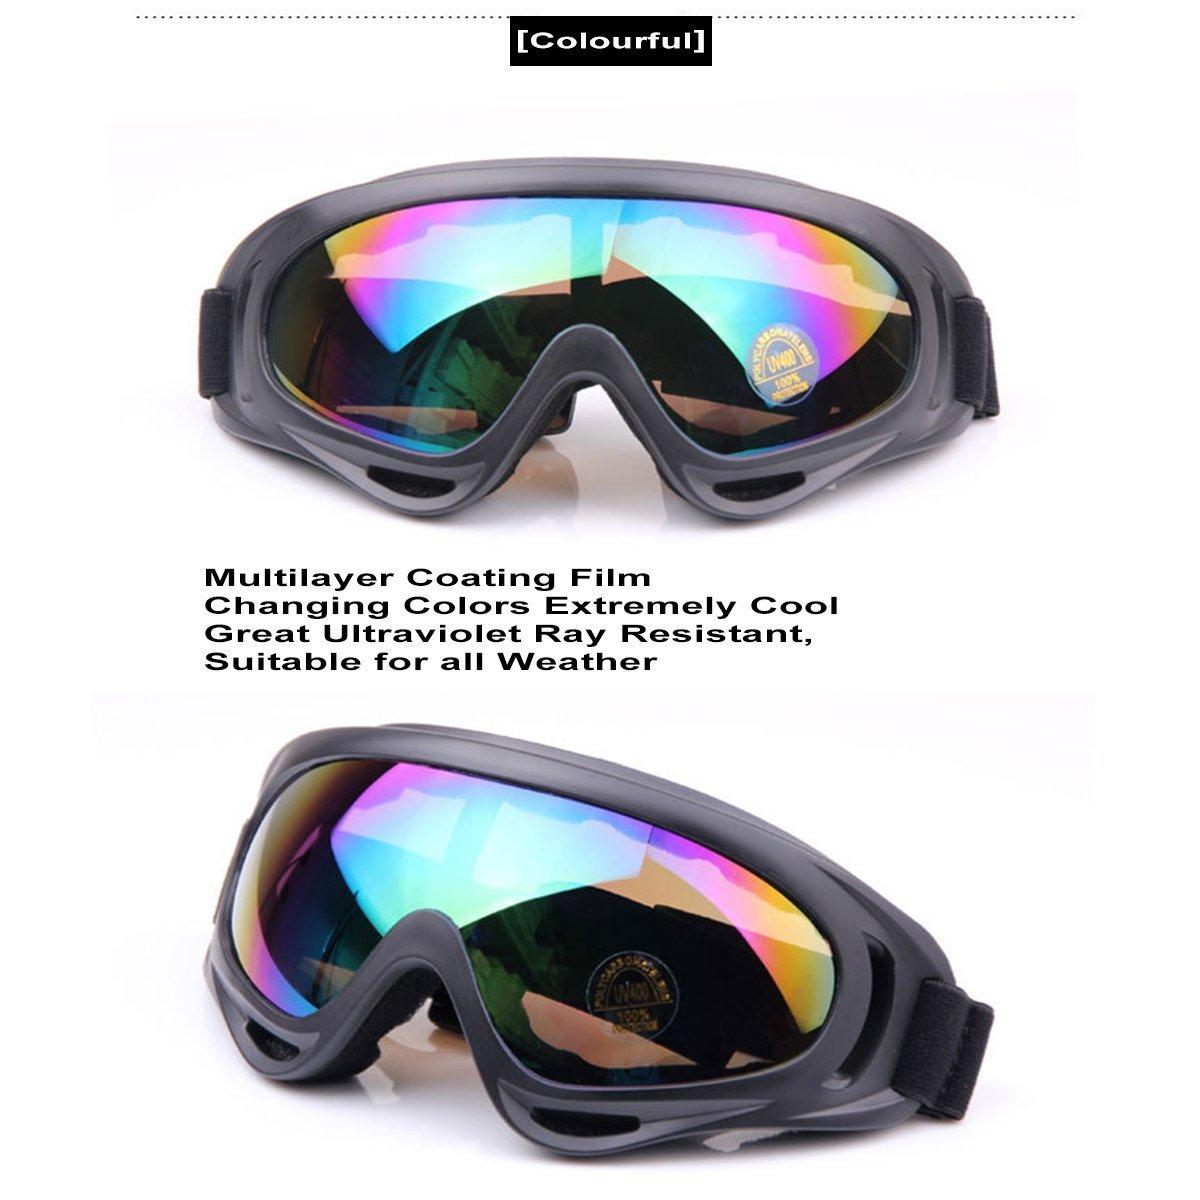 TININNA vetri protettivi Occhiali di sicurezza Sci Occhiali All'aperto Sport Antipolvere Occhiali da sole Bicicletta Moto Ciclismo Occhiali Colorful aURLAqR